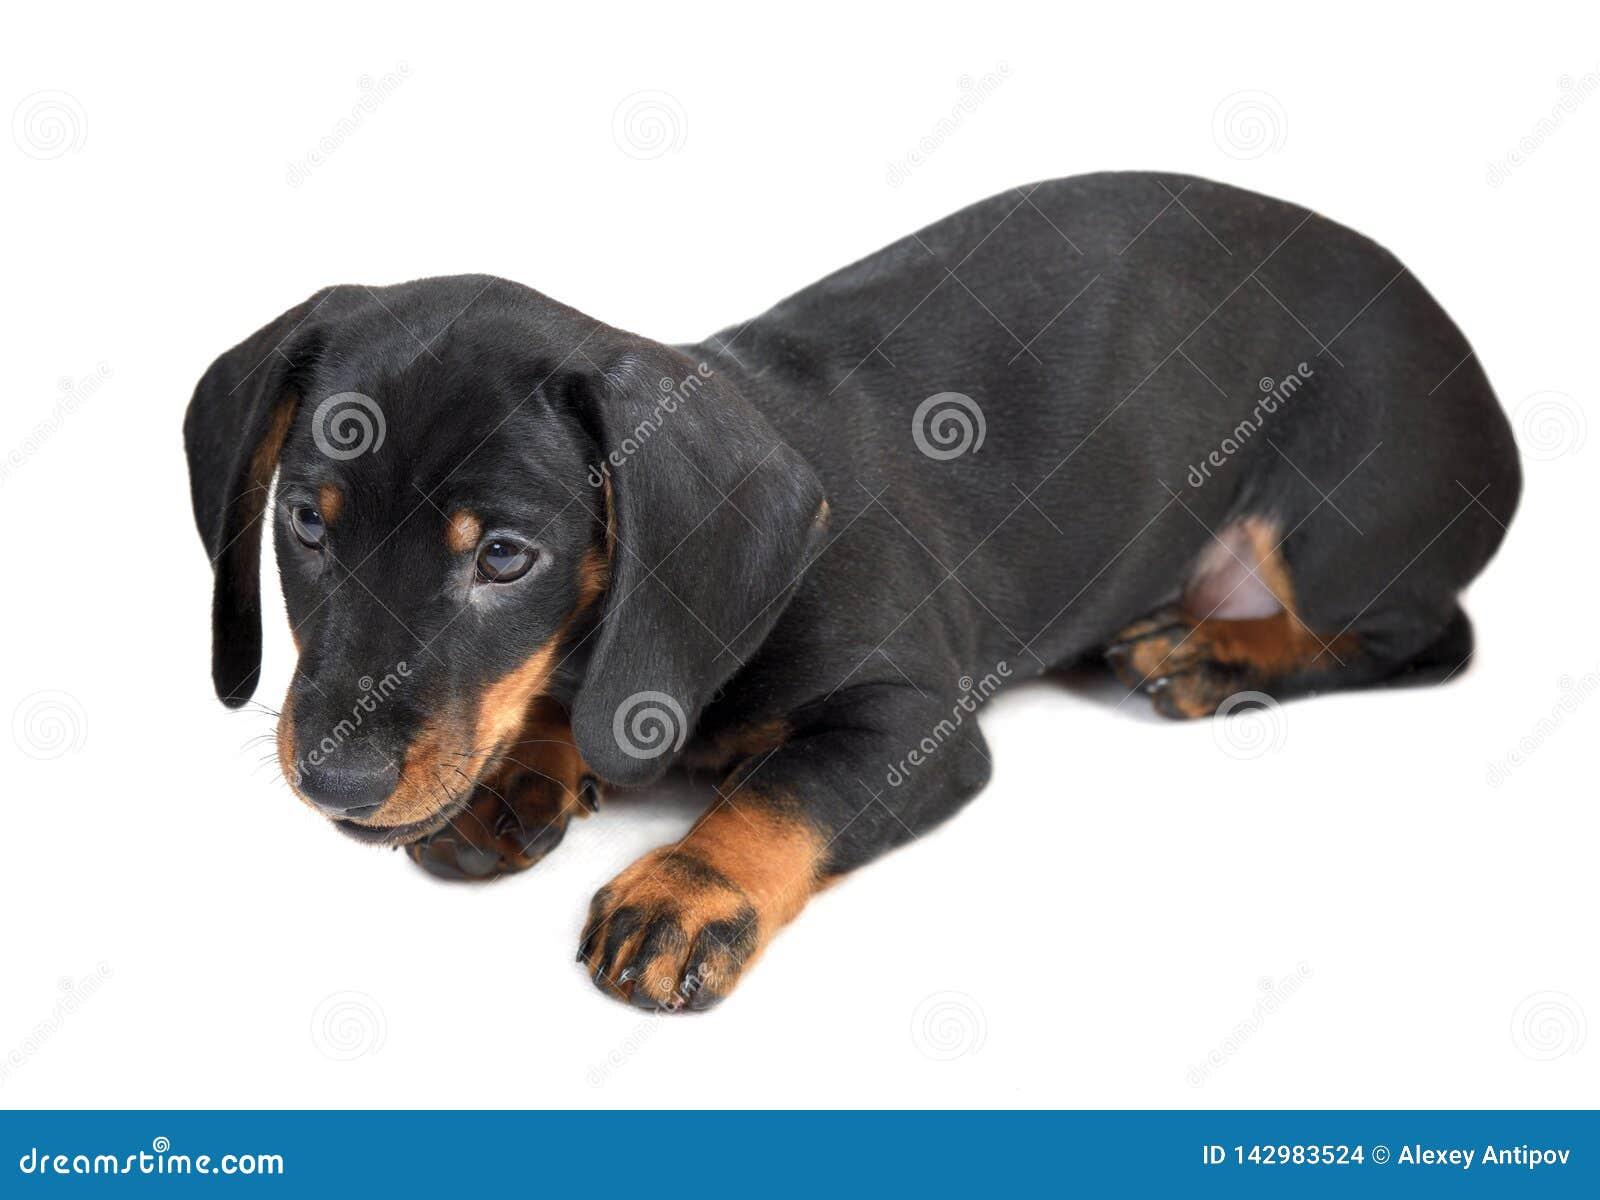 Negro liso de dos meses de mentira y broncear el perrito del perro basset